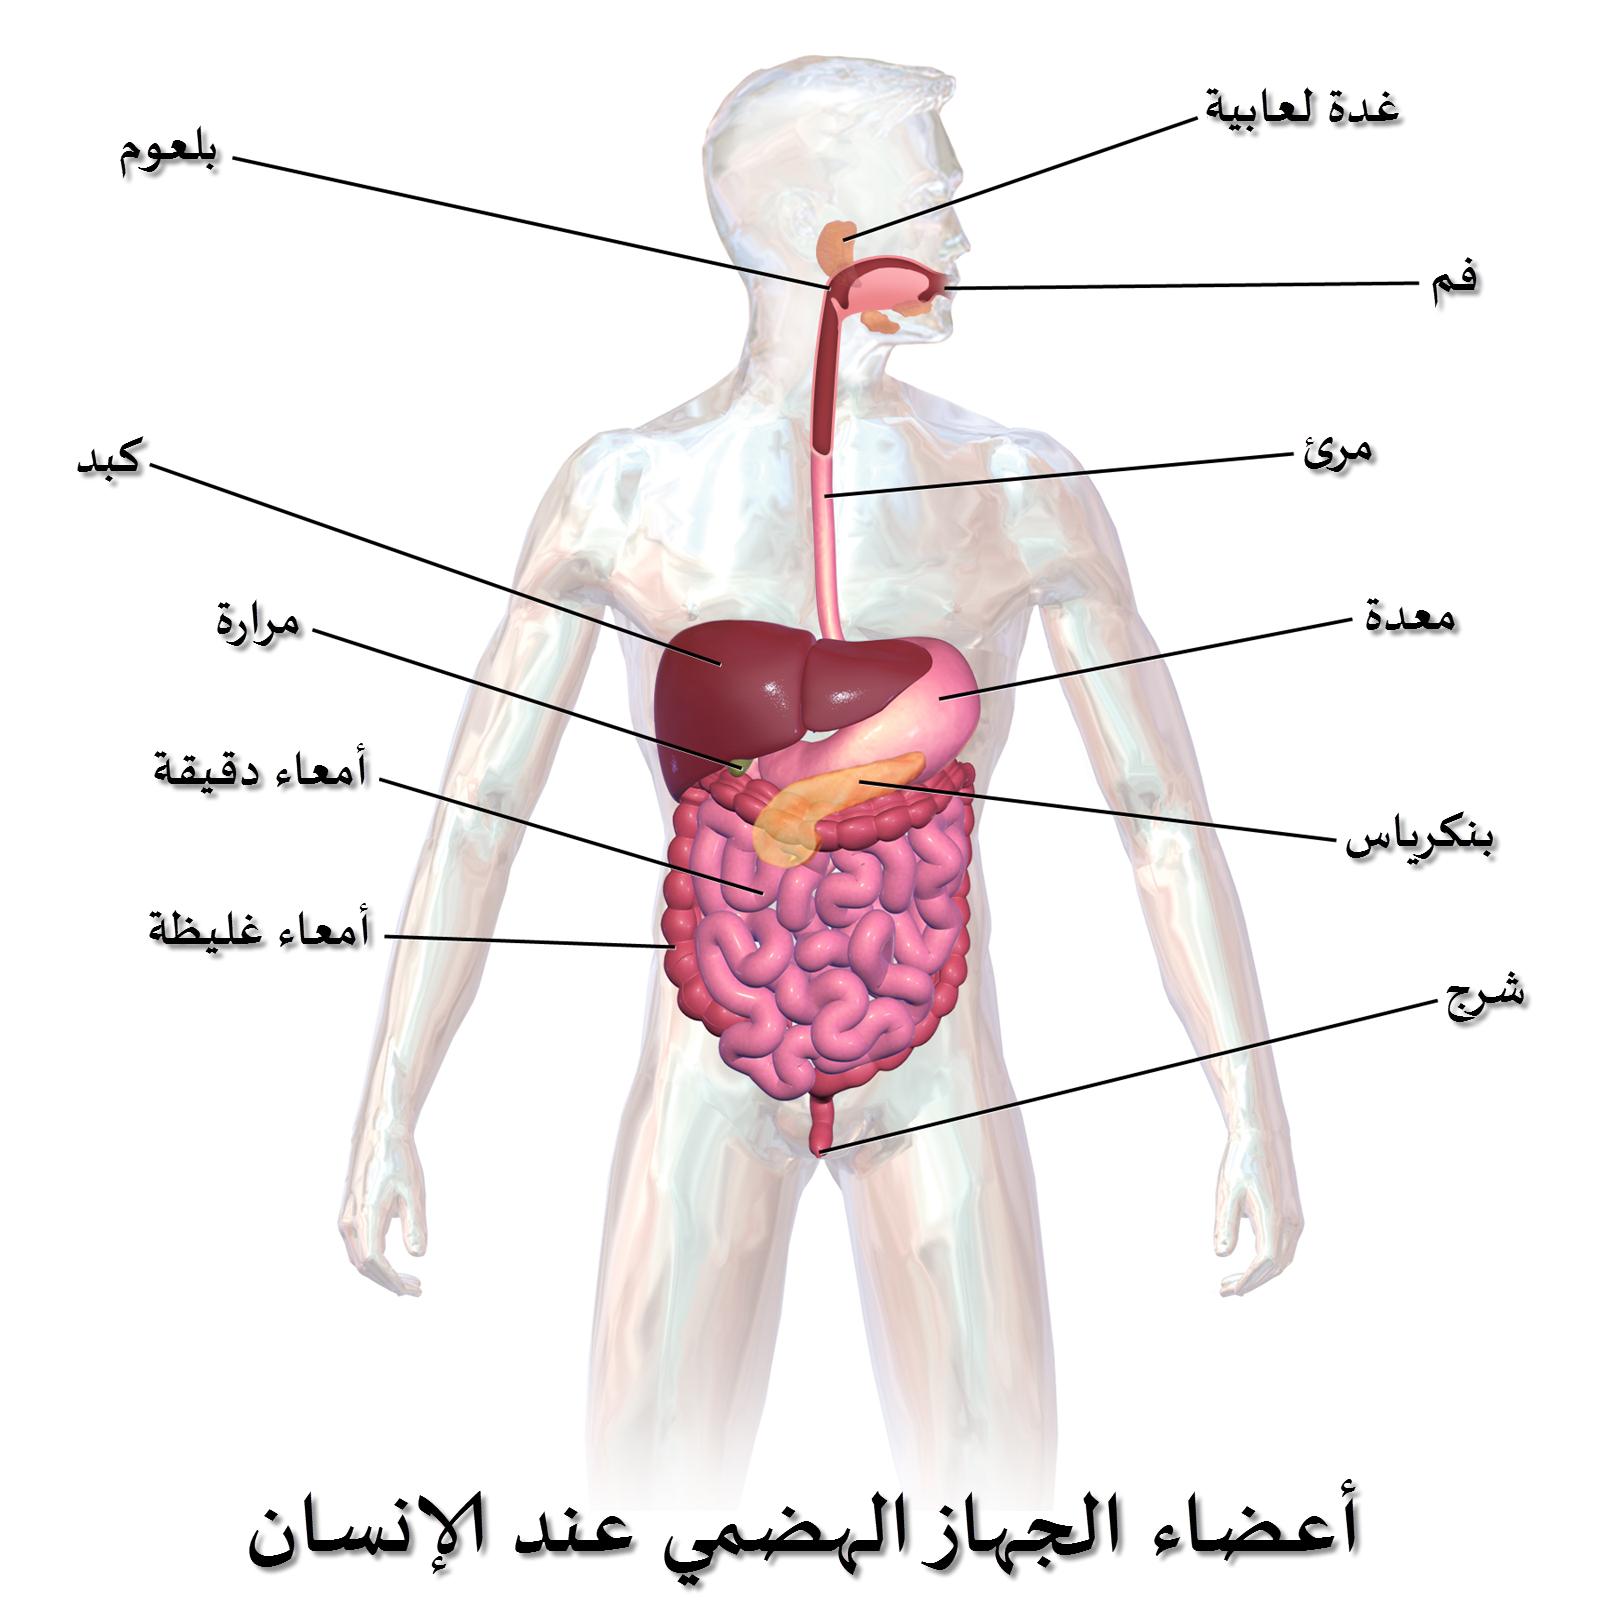 الجهاز الهضمي قناة طويلة ومتعرجة تبدأ بالفم وتنتهي بفتحة الشرج وهو الجهاز المسؤول عن هضم الأغذية حي Digestive System Excretory System Digestive System Diagram